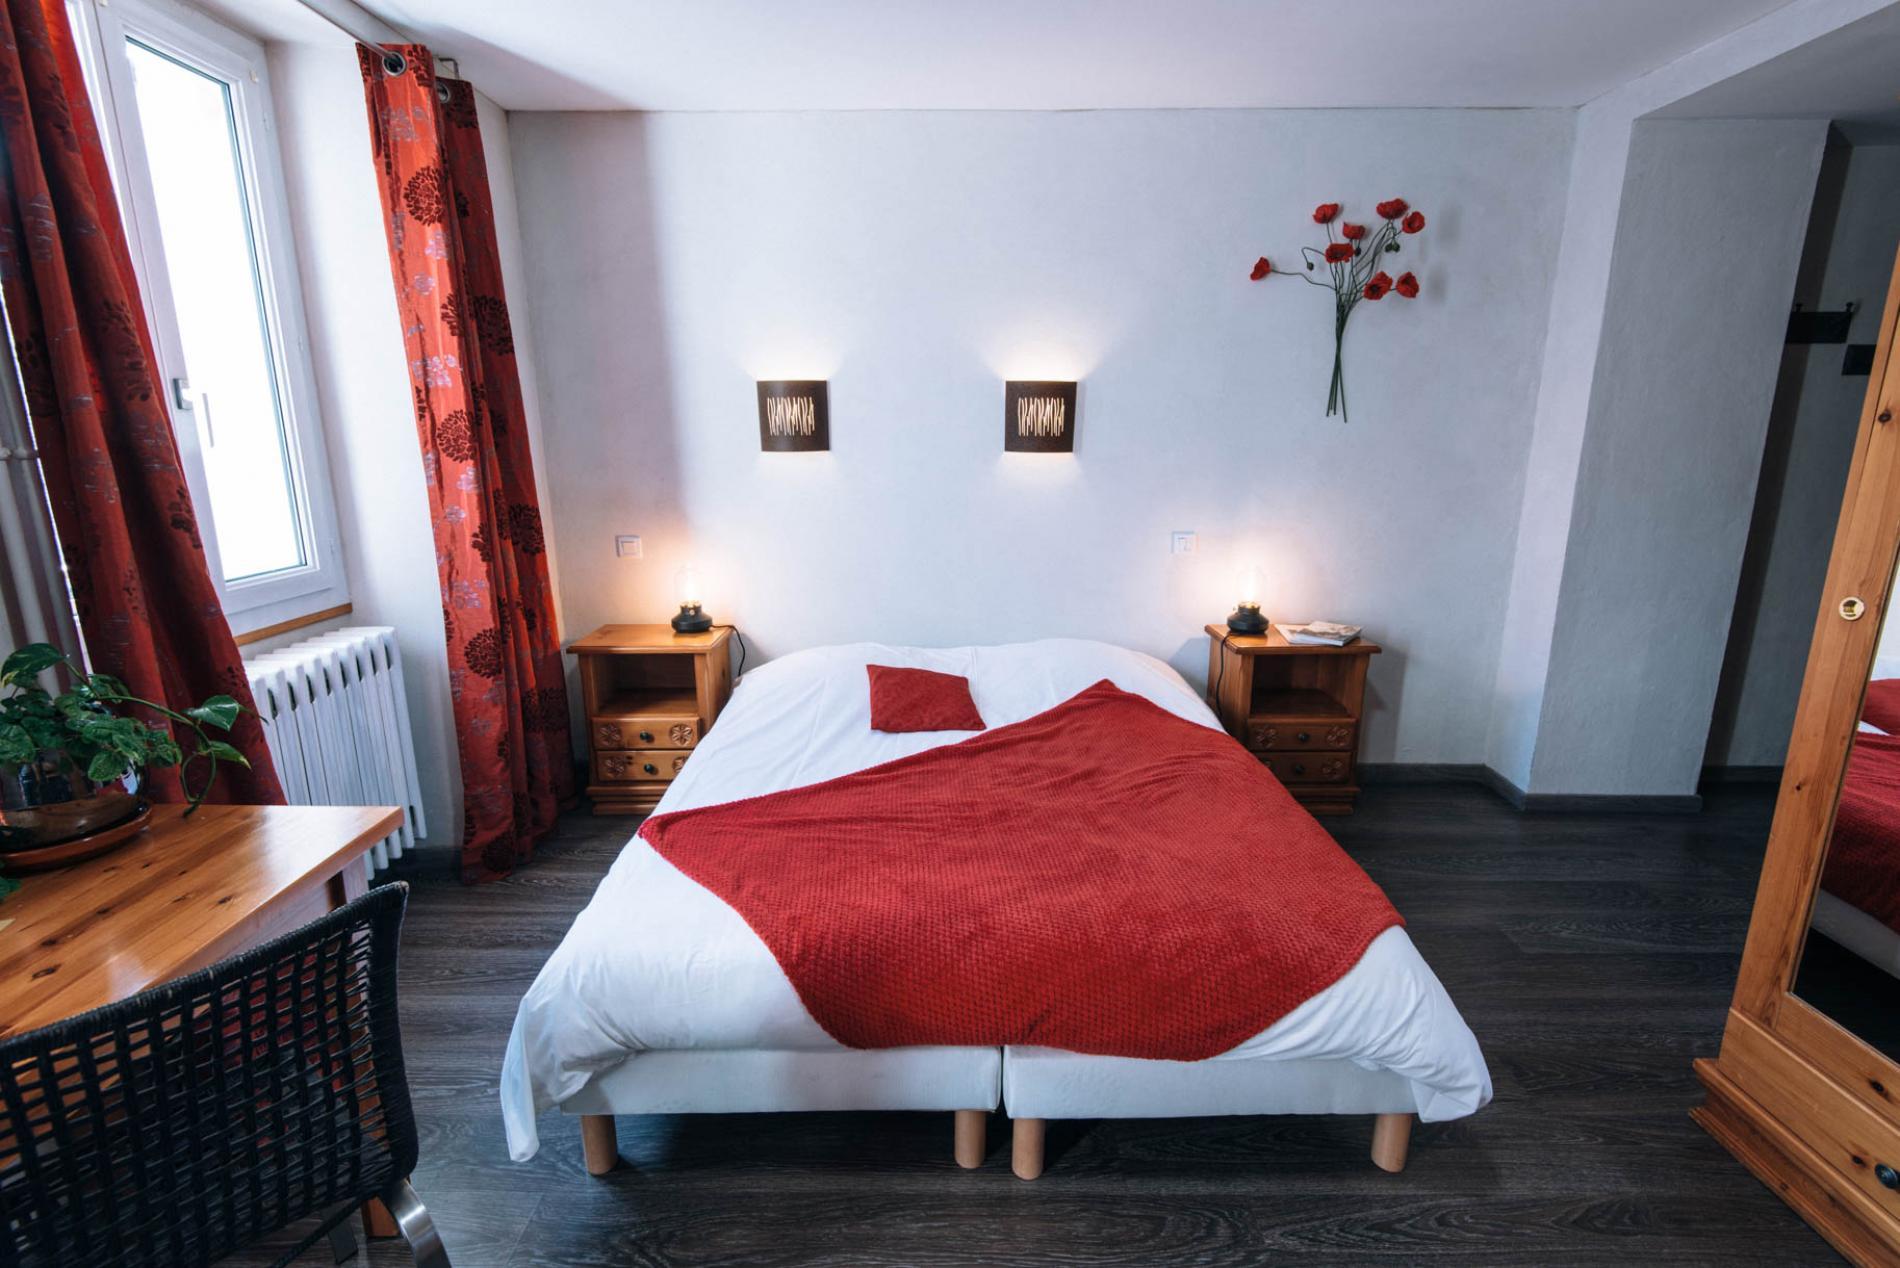 Hôtel Chalet de Lanza -           Abriès - Queyras